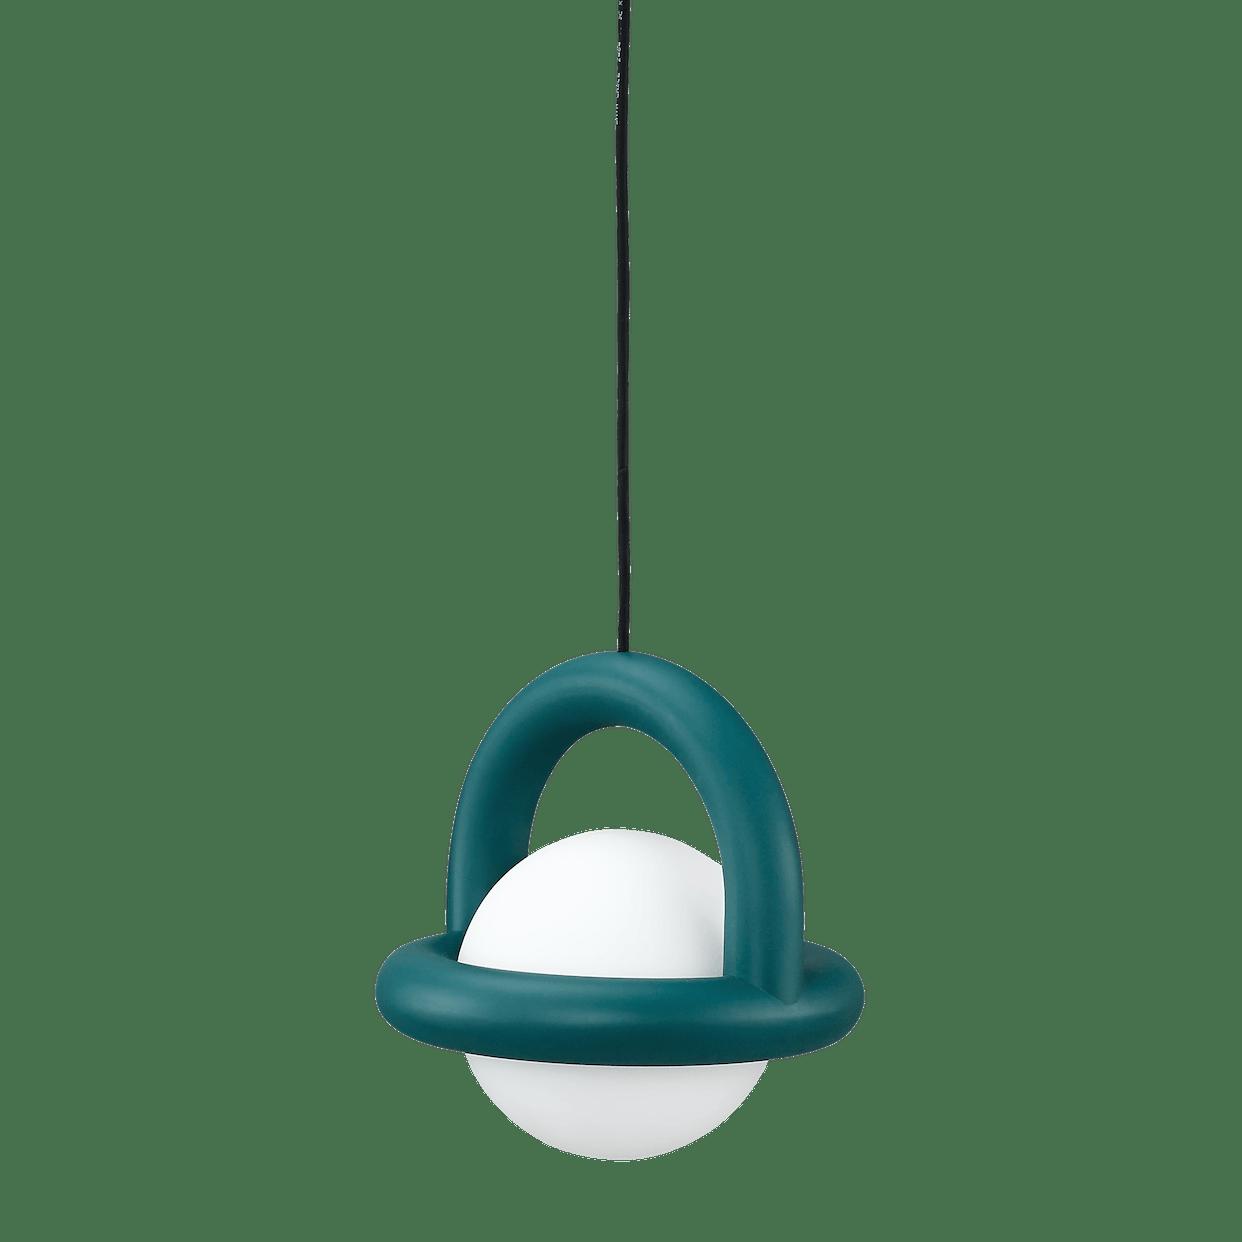 Ago lighting balloon pendant green haute living